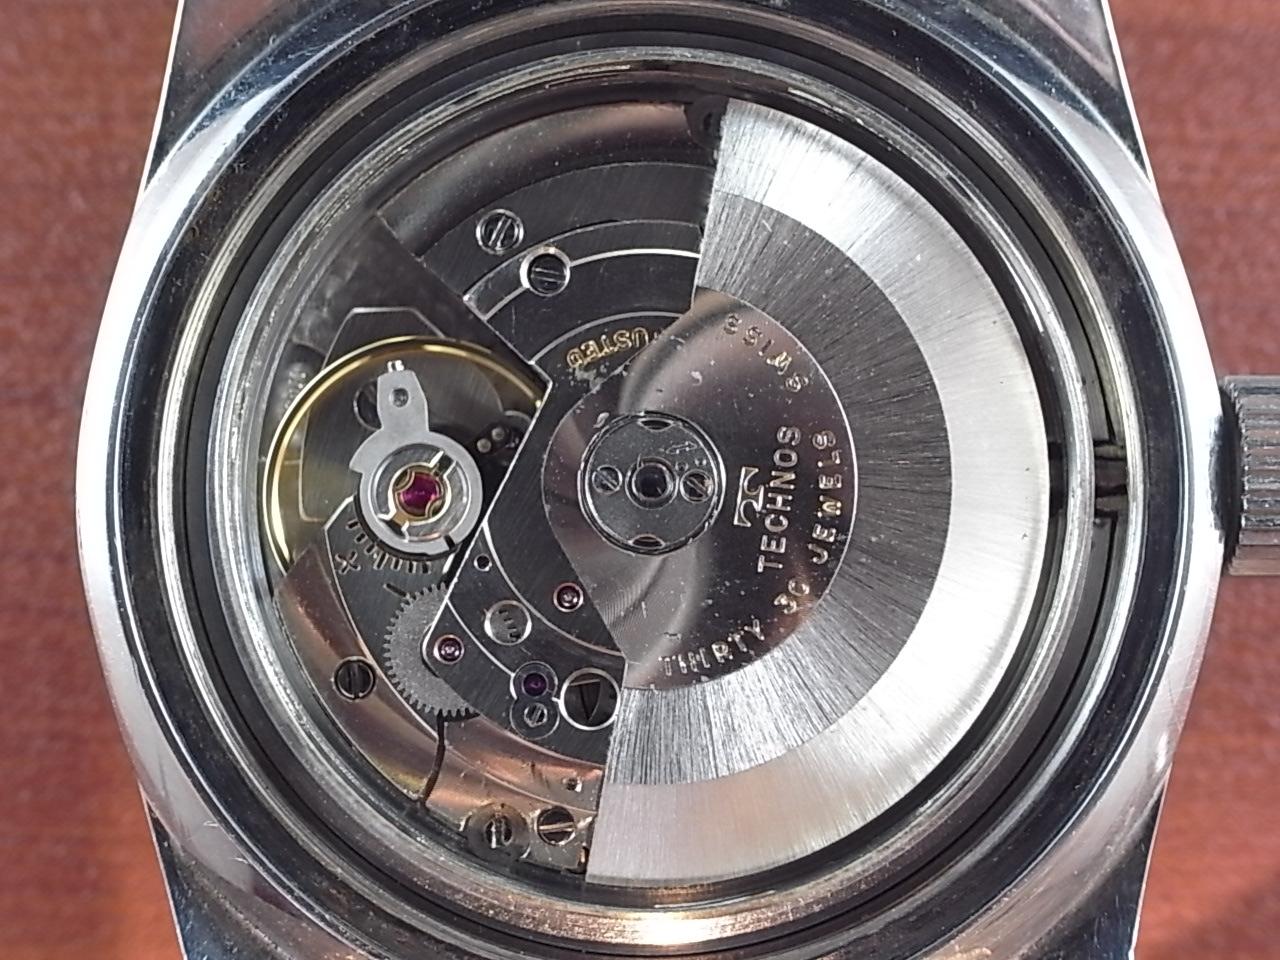 テクノス スカイダイバー トロピカルダイアル 30JEWELS 1960年代の写真5枚目